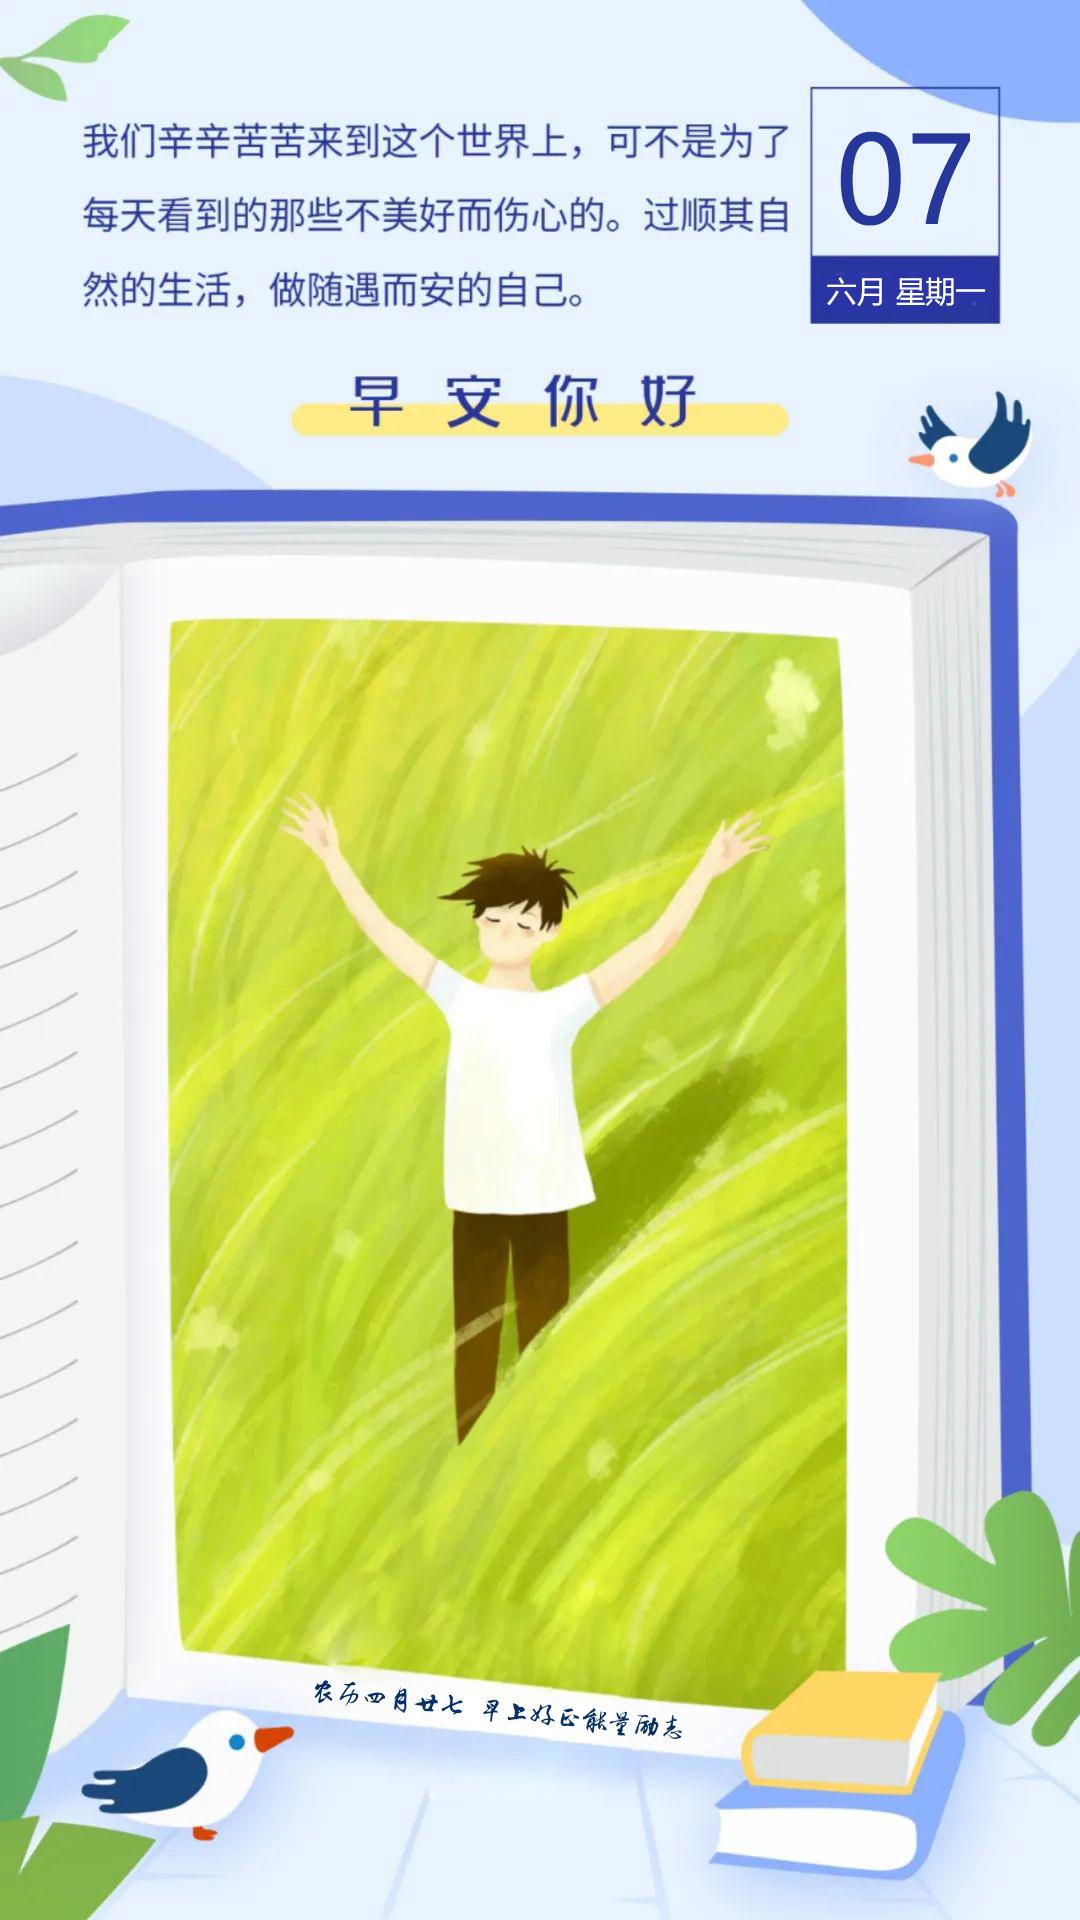 高考日轻松祝福图片句子,新的一周早安日签图片说说